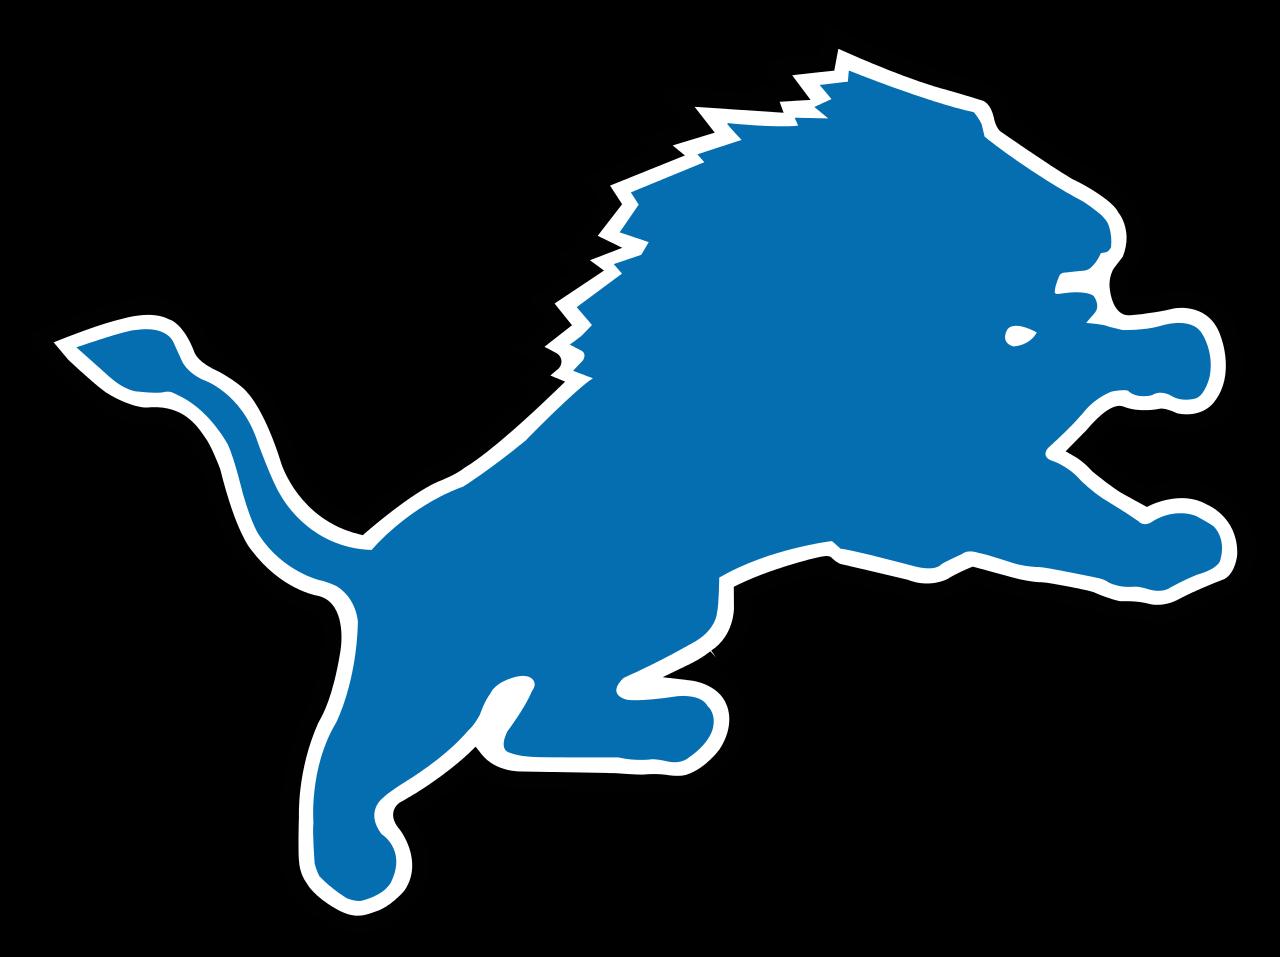 detroit lions logo png transparent detroit lions logo png images rh pluspng com Detroit Lions Logo Black and White Detroit Lions Screensavers and Wallpaper